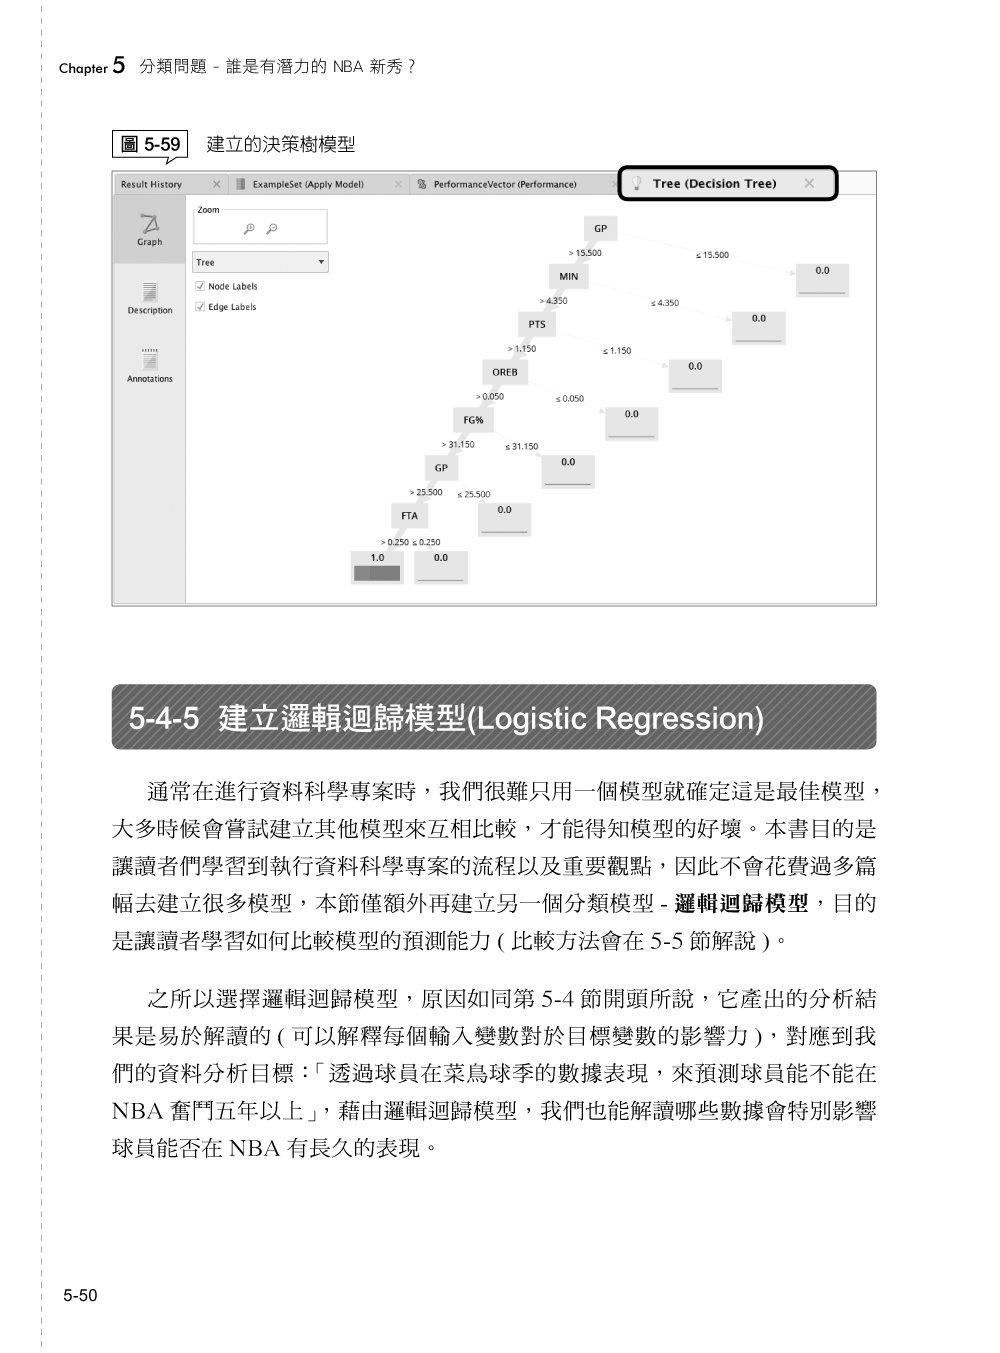 不懂程式也能學會的大數據分析術 - 使用 RapidMiner-preview-7